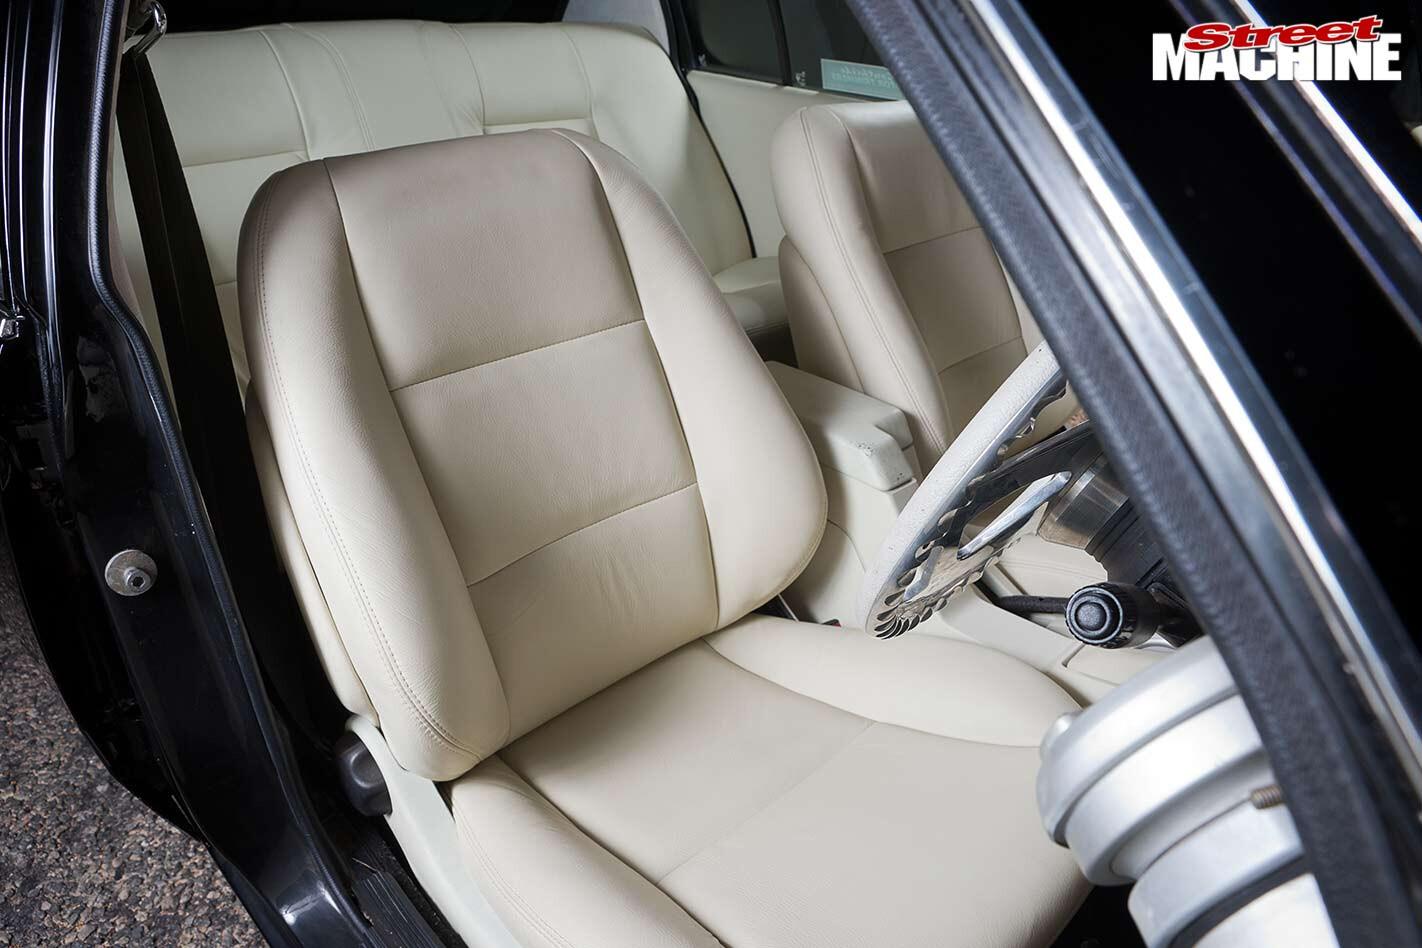 Holden VH Commodore SL/E interior